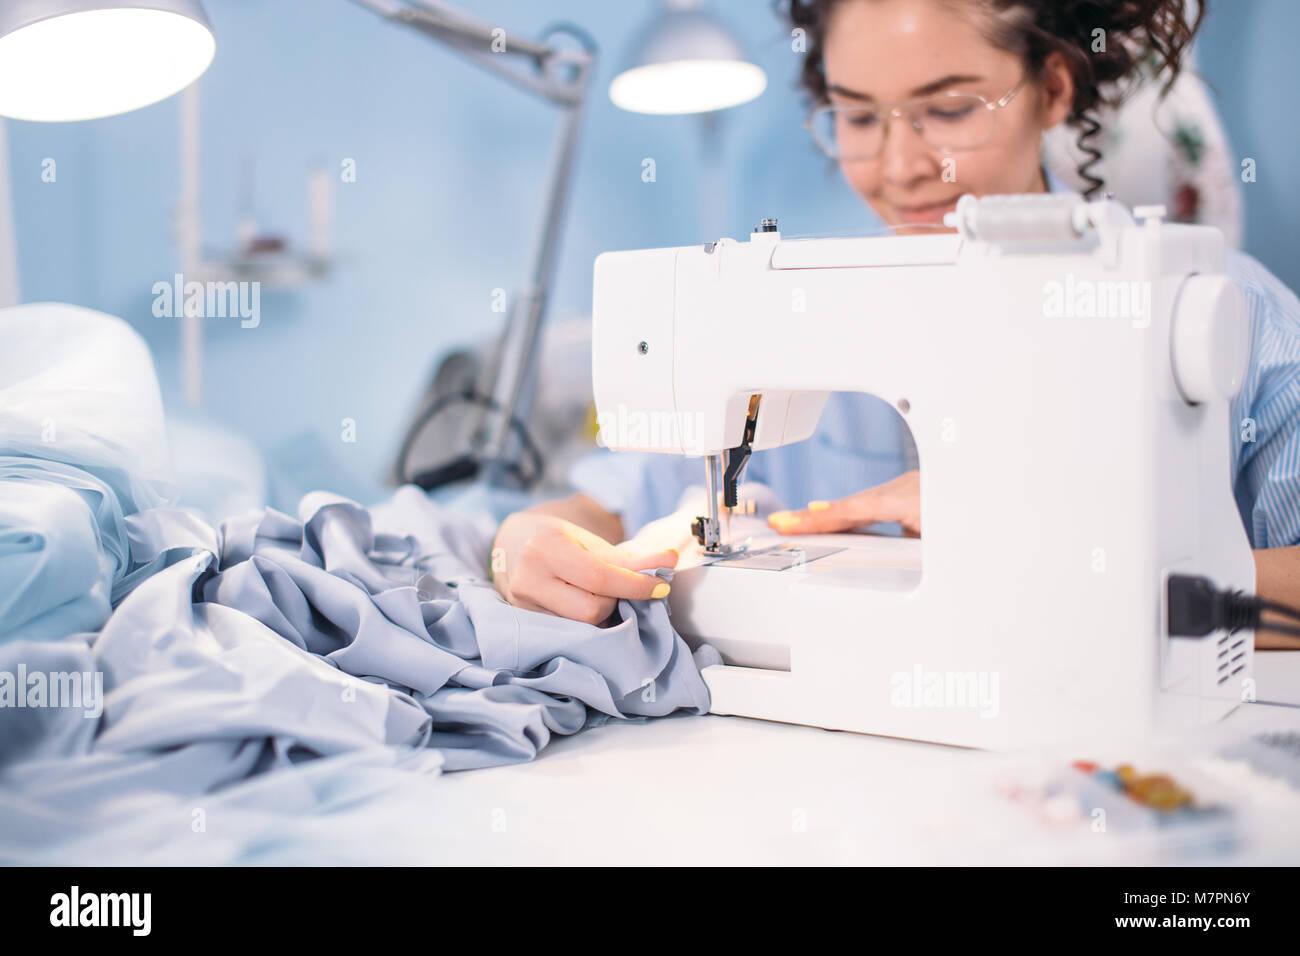 Ritagliato colpo di donna di imparare a cucire a macchina da cucire in studio di design che frequentano le lezioni Immagini Stock